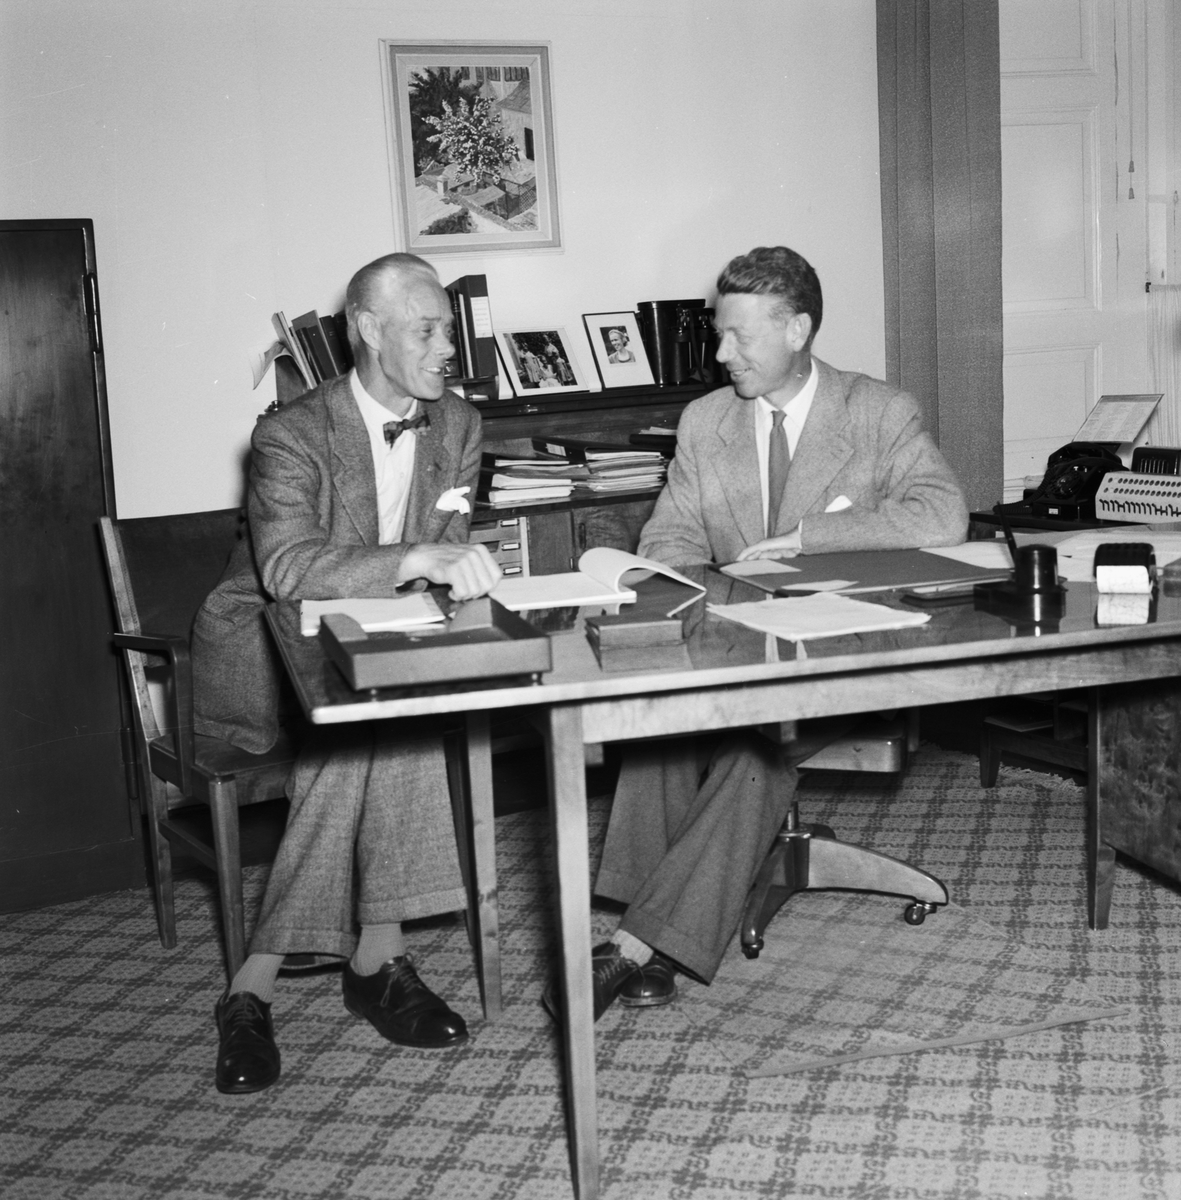 Övrigt: Foto datum: 9/9 1957 Byggnader och kranar Direktör Schreil och FCTF:s ordförande Svensson. Närmast identisk bild: V13996 och V13997, ej skannade